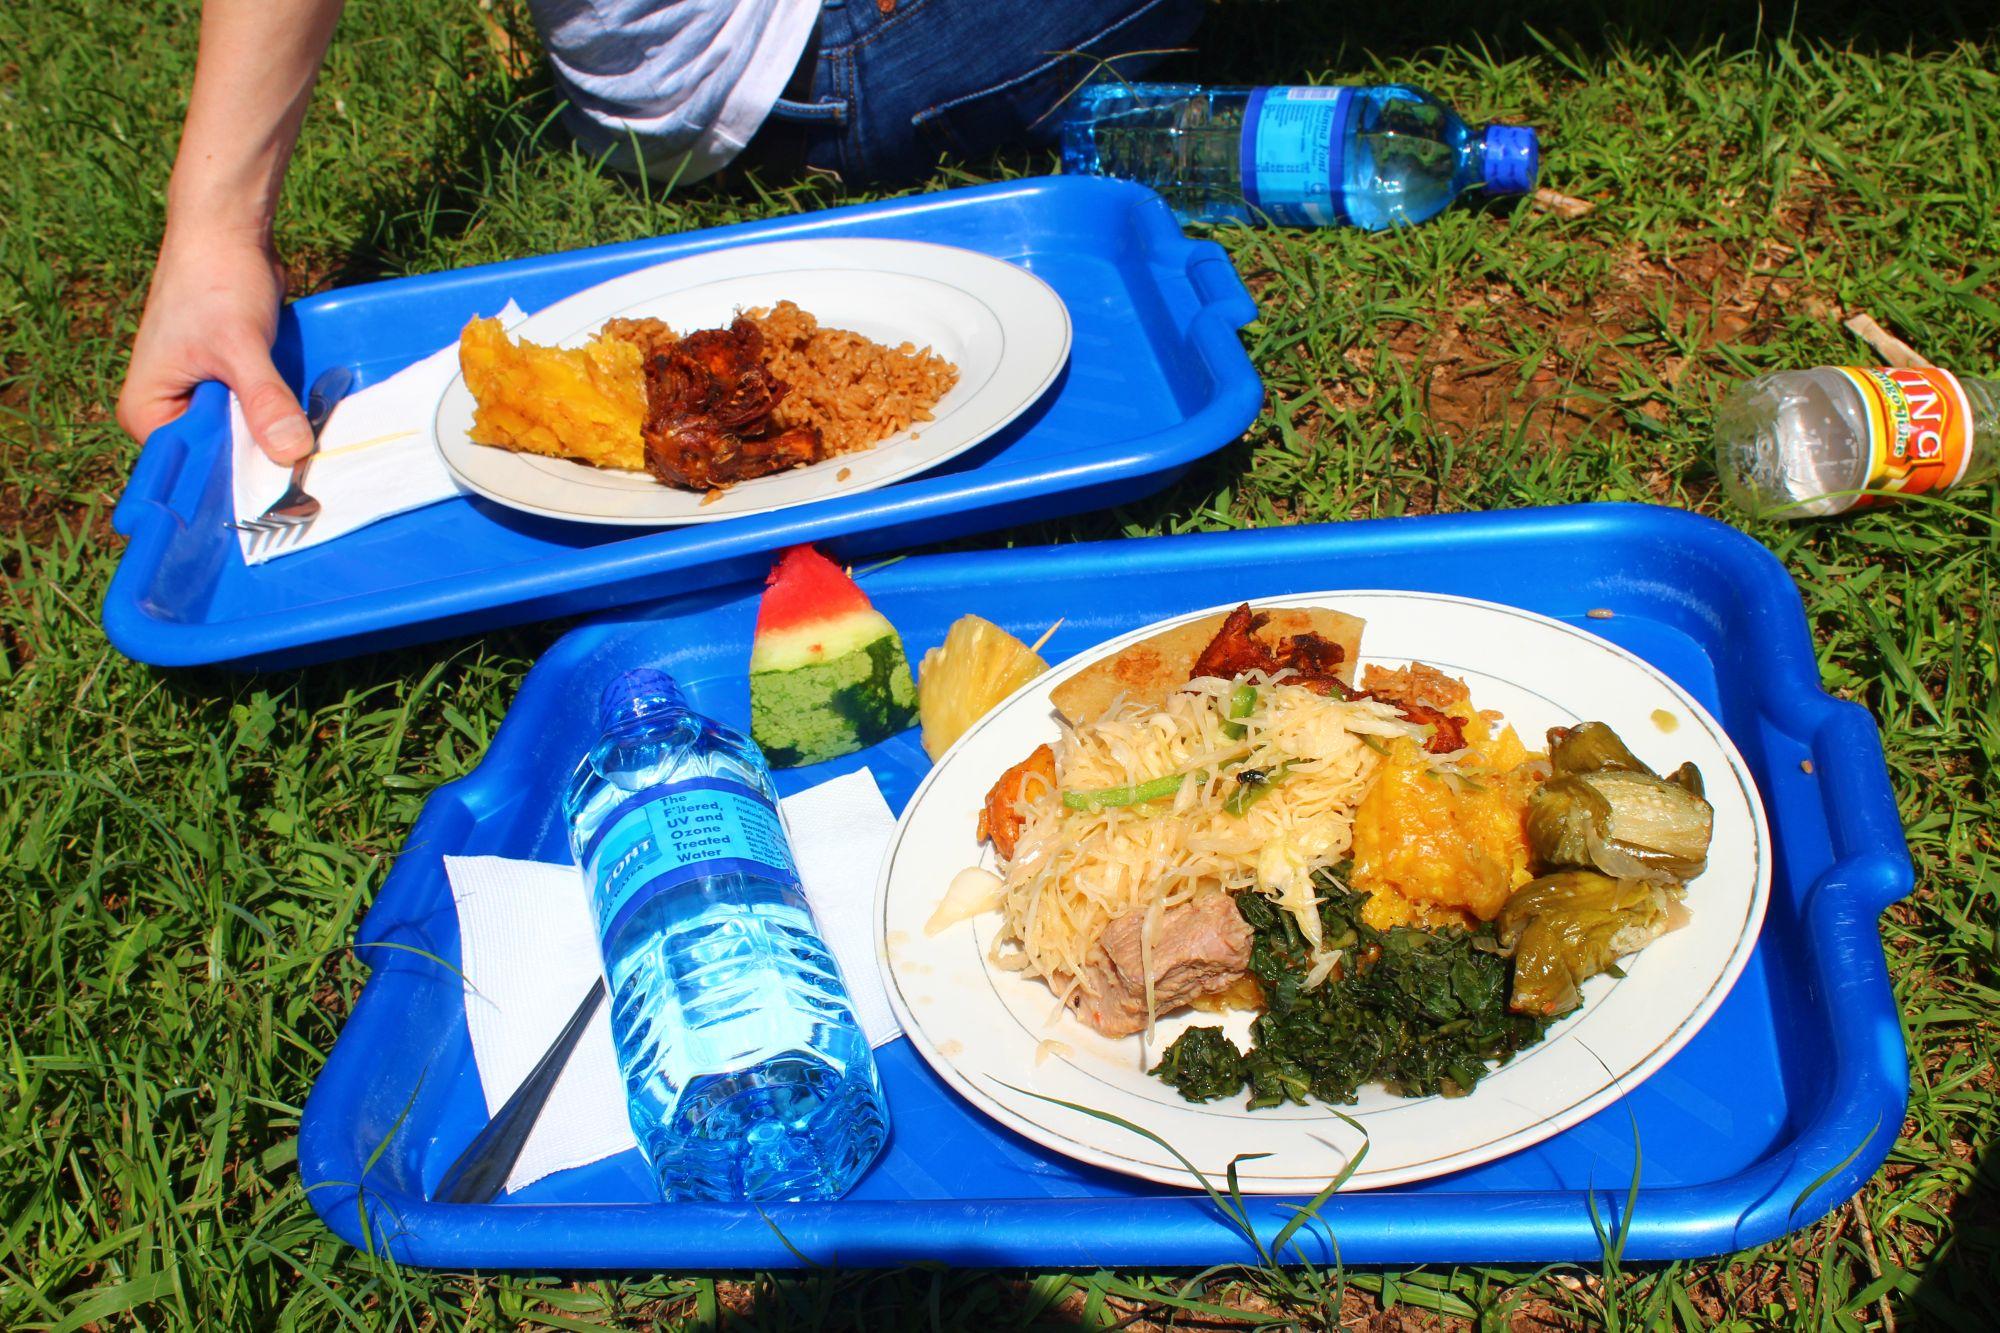 Mittagsessen: Matooke, Reis, Maniok, Chapati, Hühnchen, Kohl, Auberginen, Greenies, Erdnusssoße und ein Stück Ananas und Wassermelone. Dazu gab es für die Kids eine Soda und für die Erwachsenen Wasser.